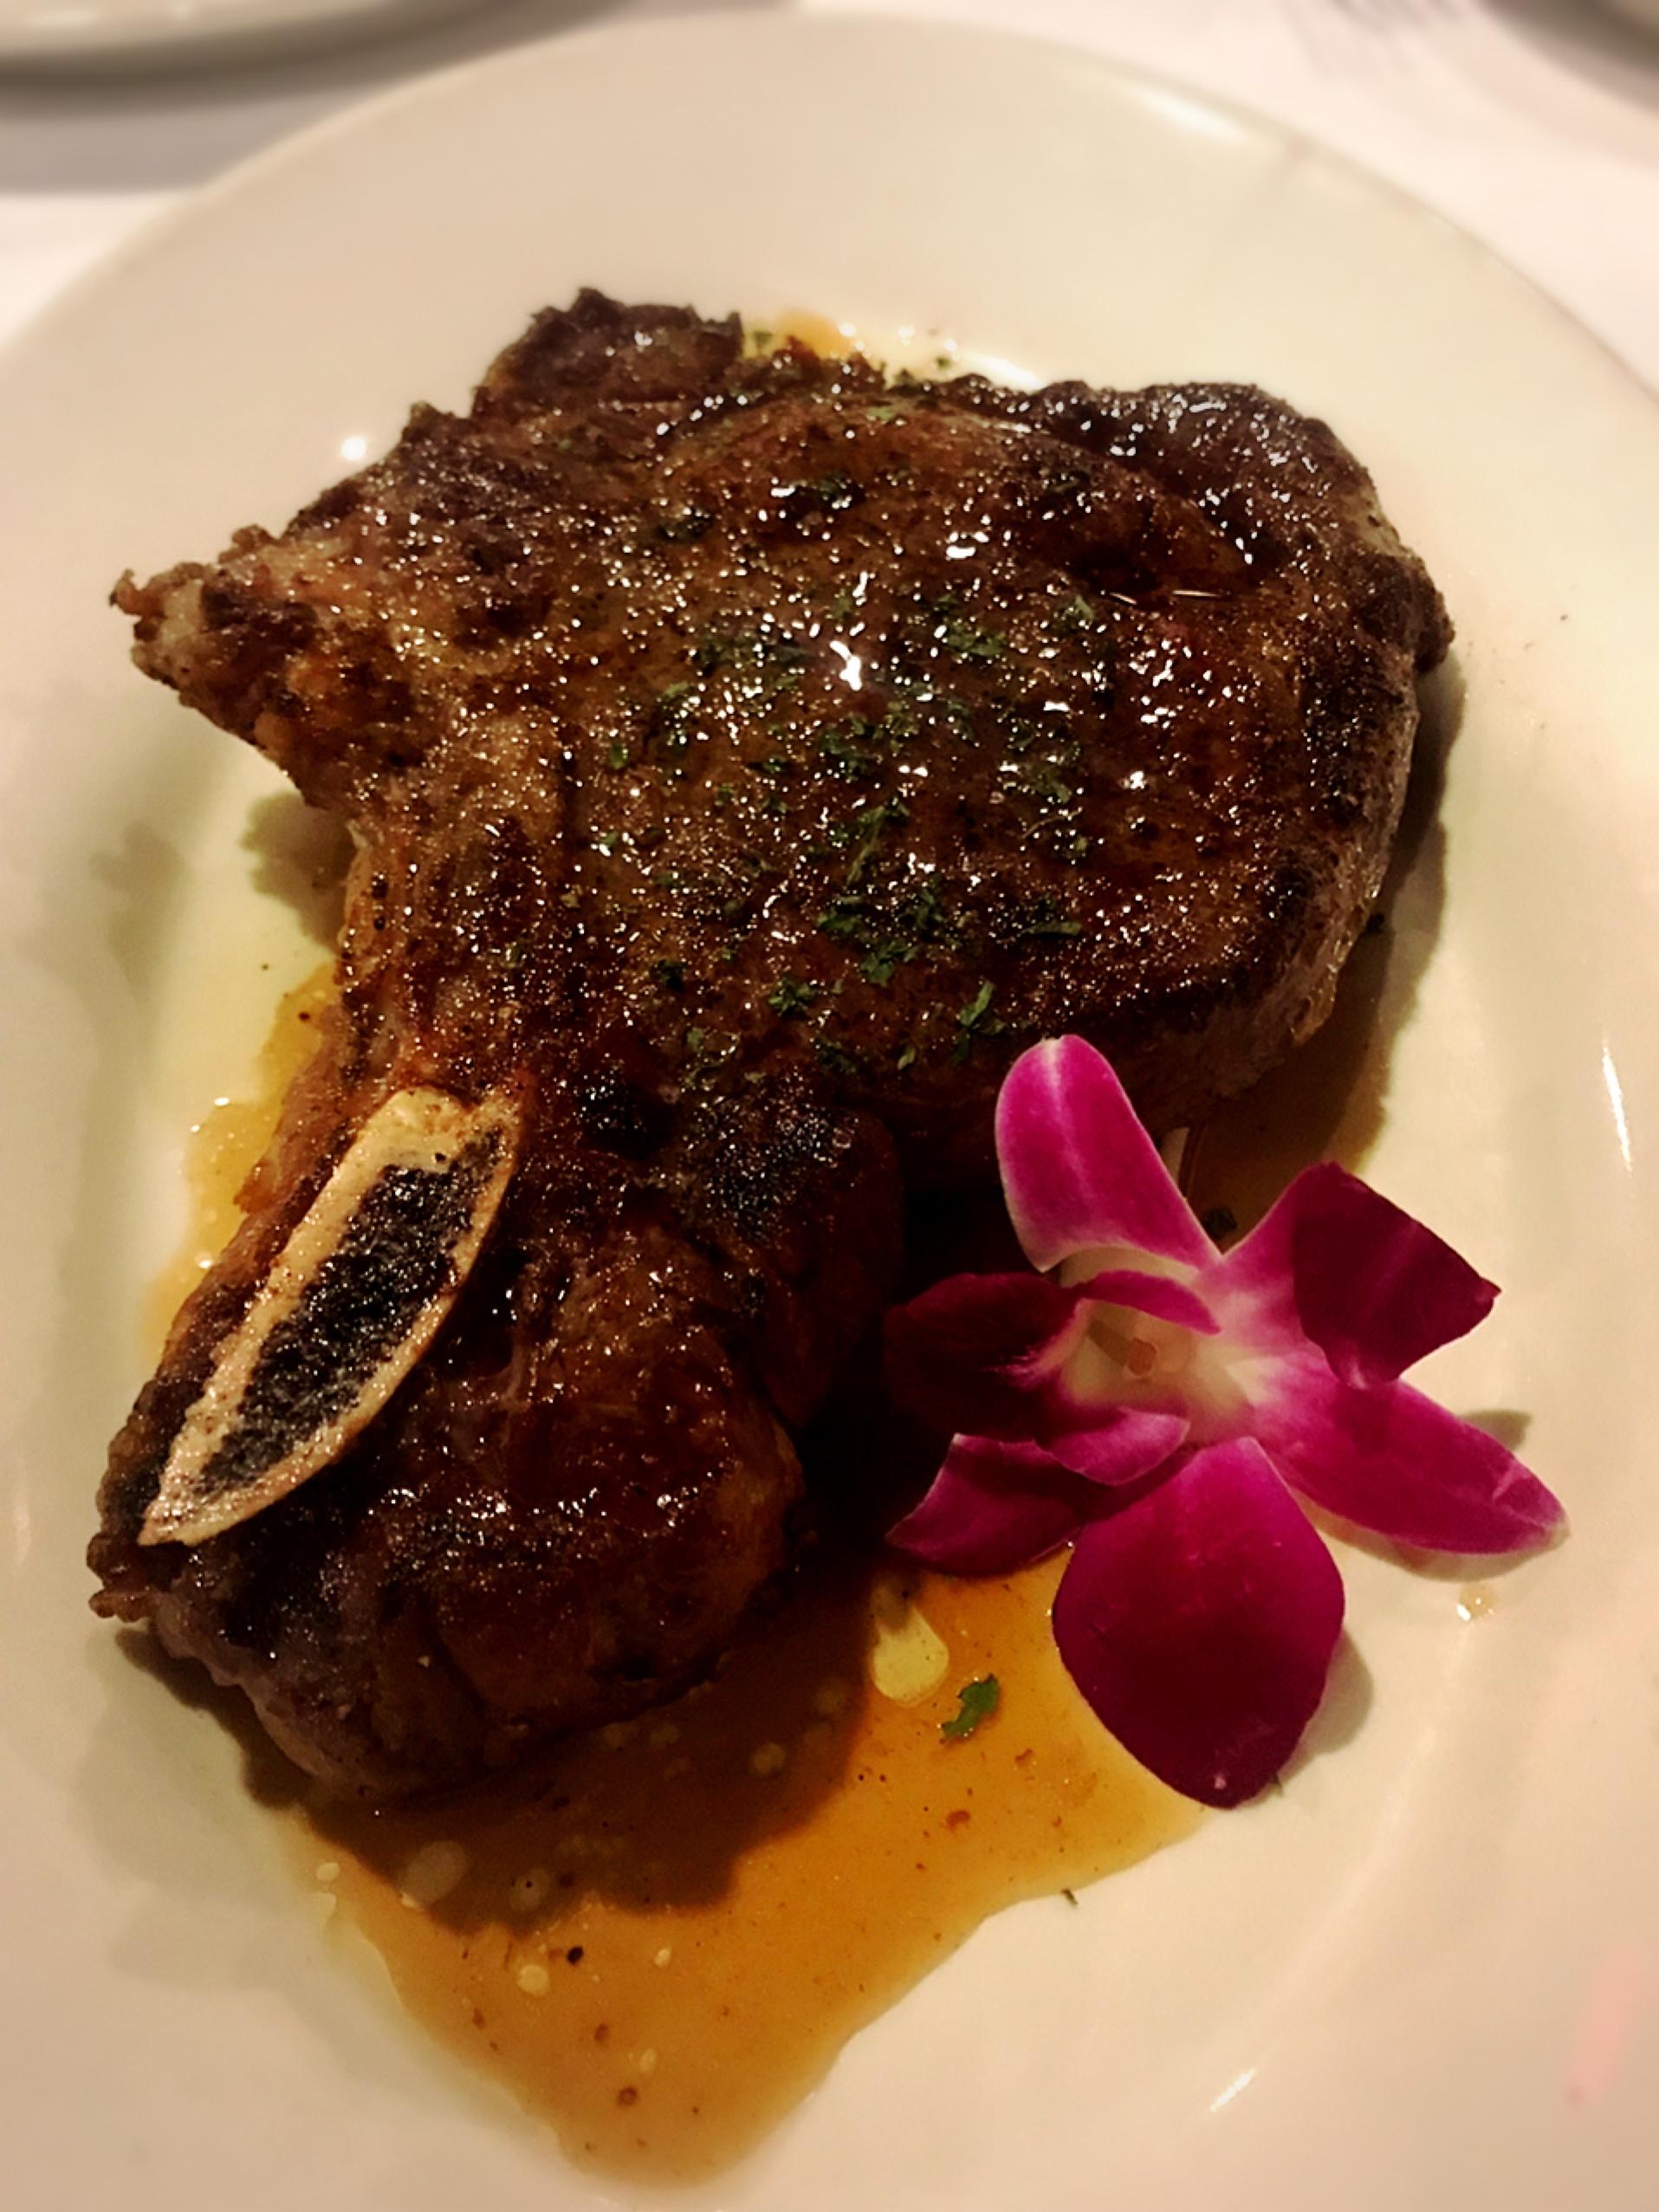 【ハワイグルメ5】肉好き女子必見*オシャレな空間で熟成肉を堪能! ハッピーアワー情報も♩_5